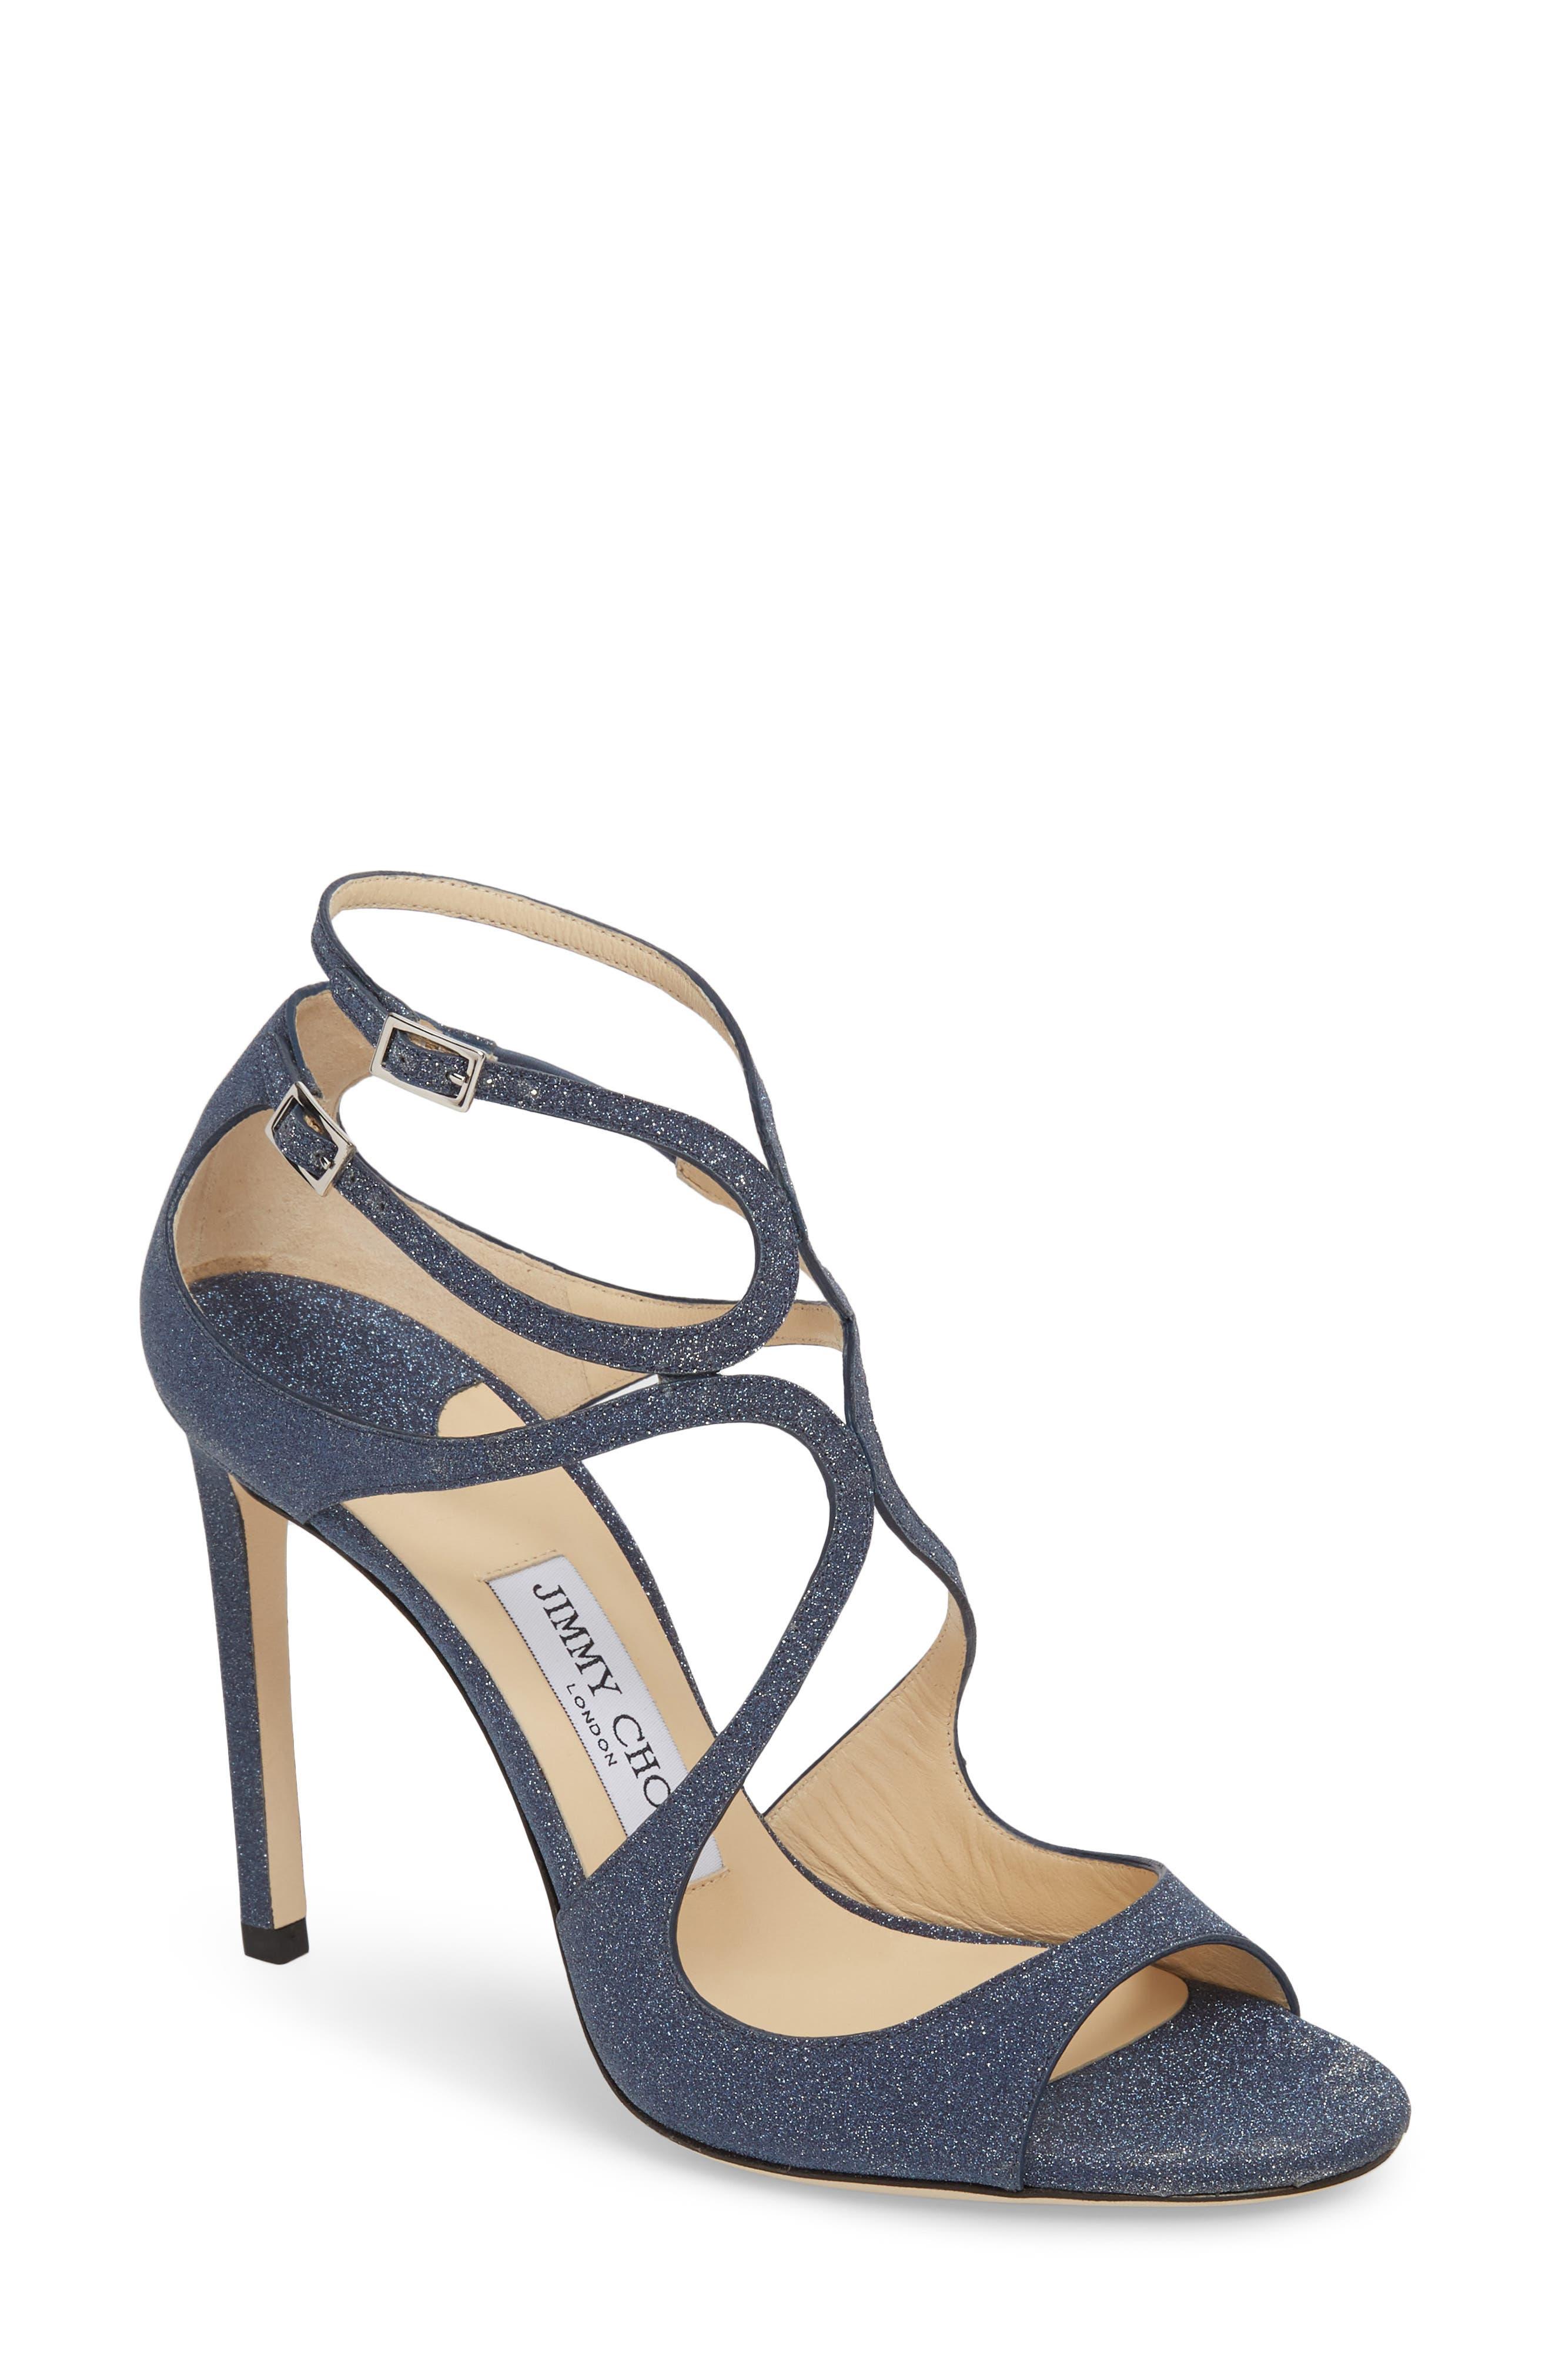 Lang Sandal,                         Main,                         color, NAVY GLITTER